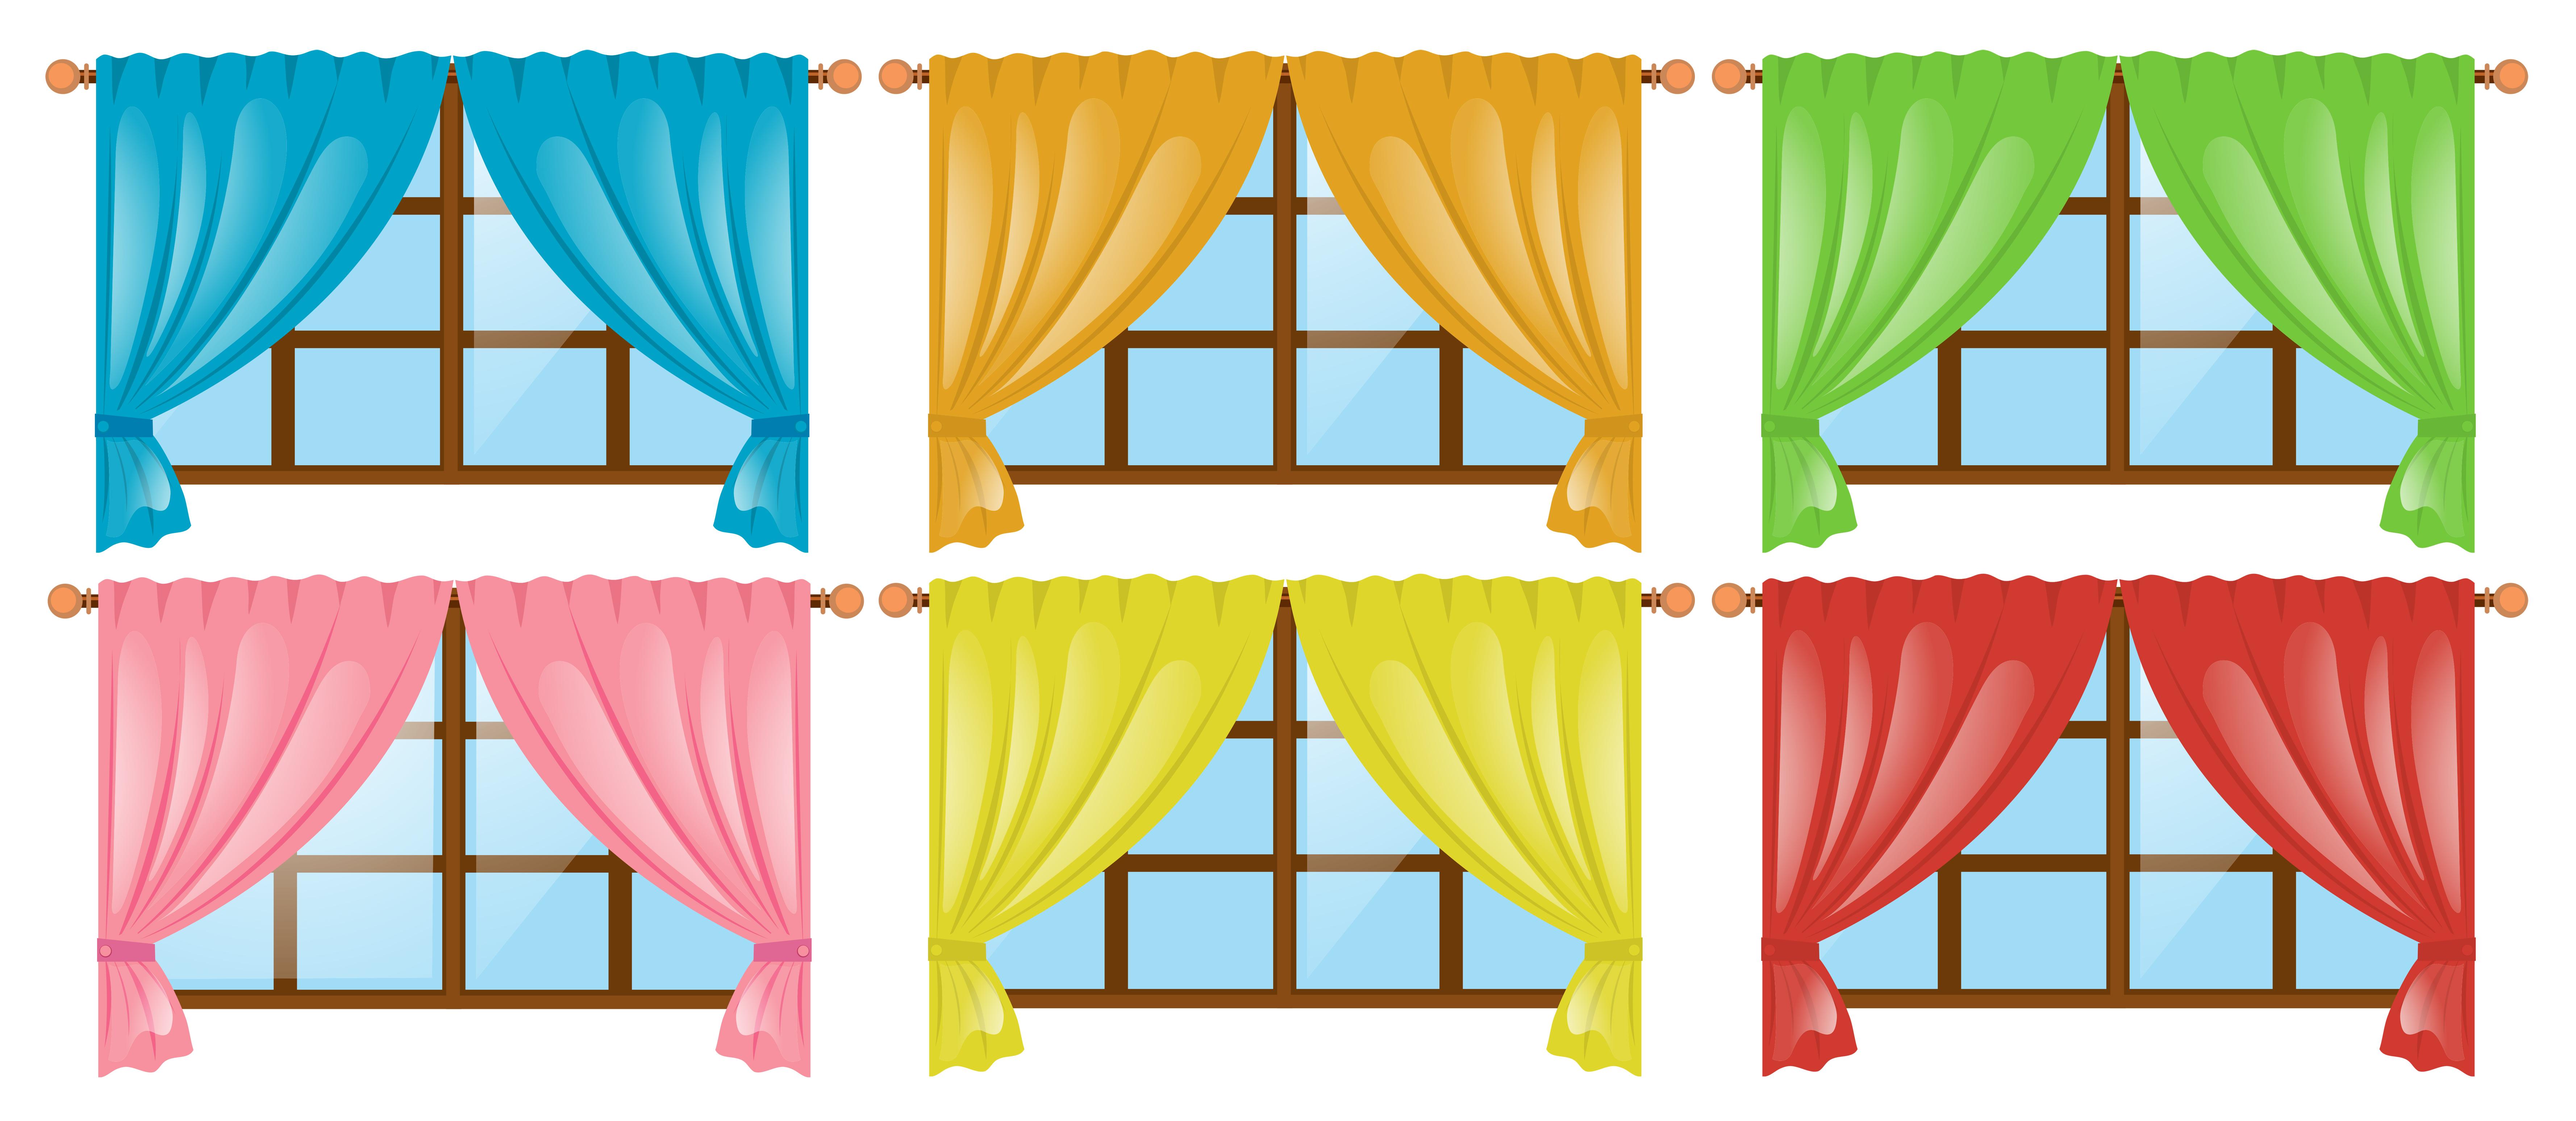 Type De Rideaux Pour Fenetre Cintrees fenêtres avec rideaux de couleurs différentes - telecharger